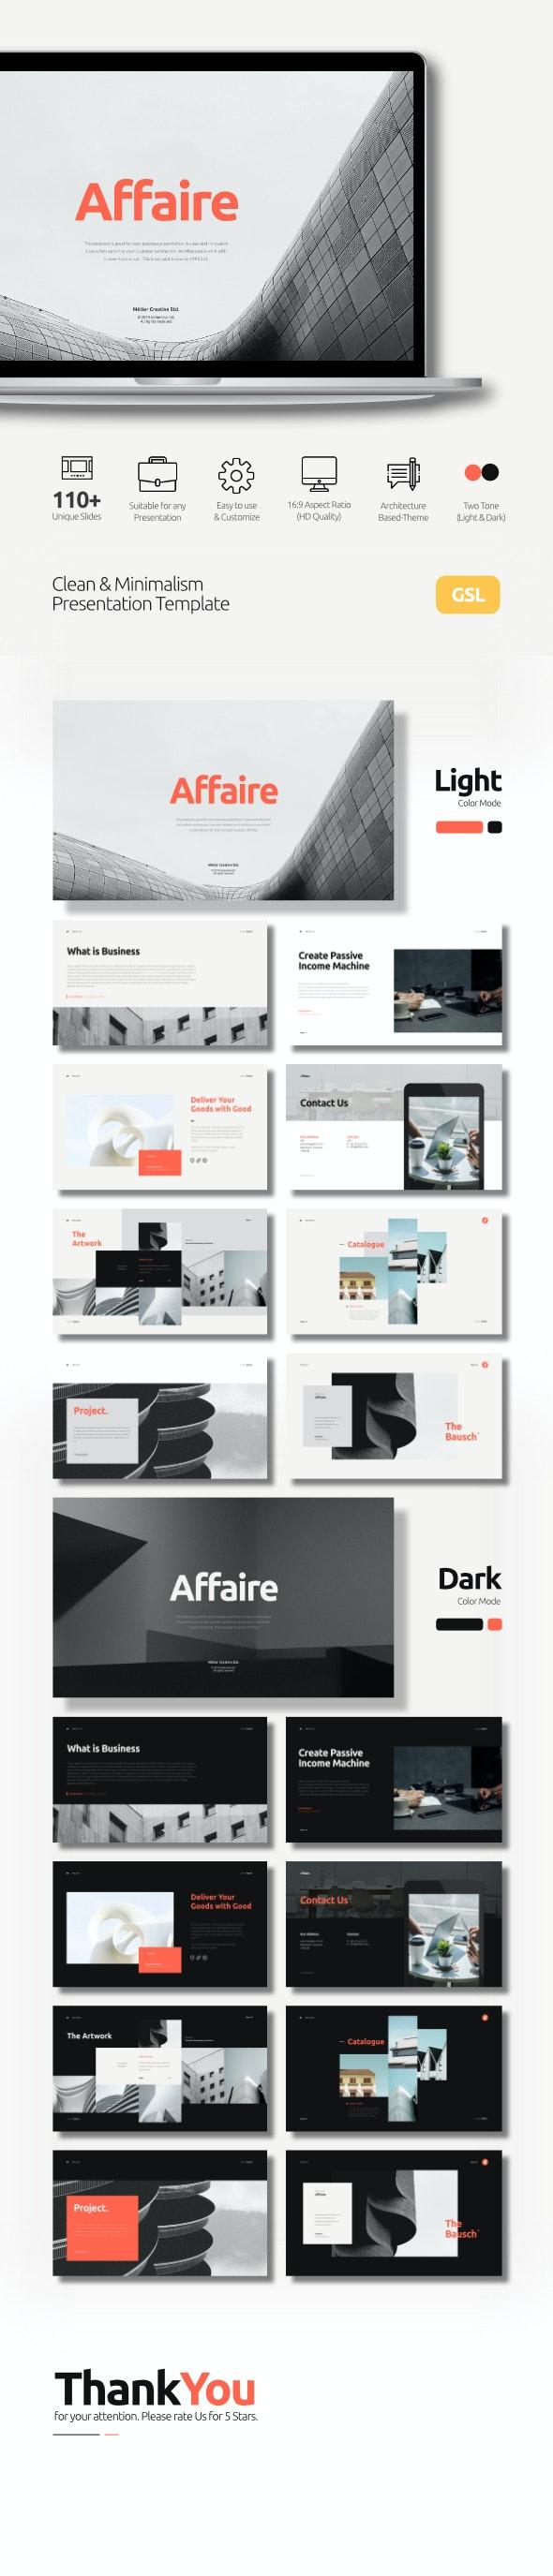 Affaire Creative Corporate Business Google Slides Template - Google Slides Presentation Templates